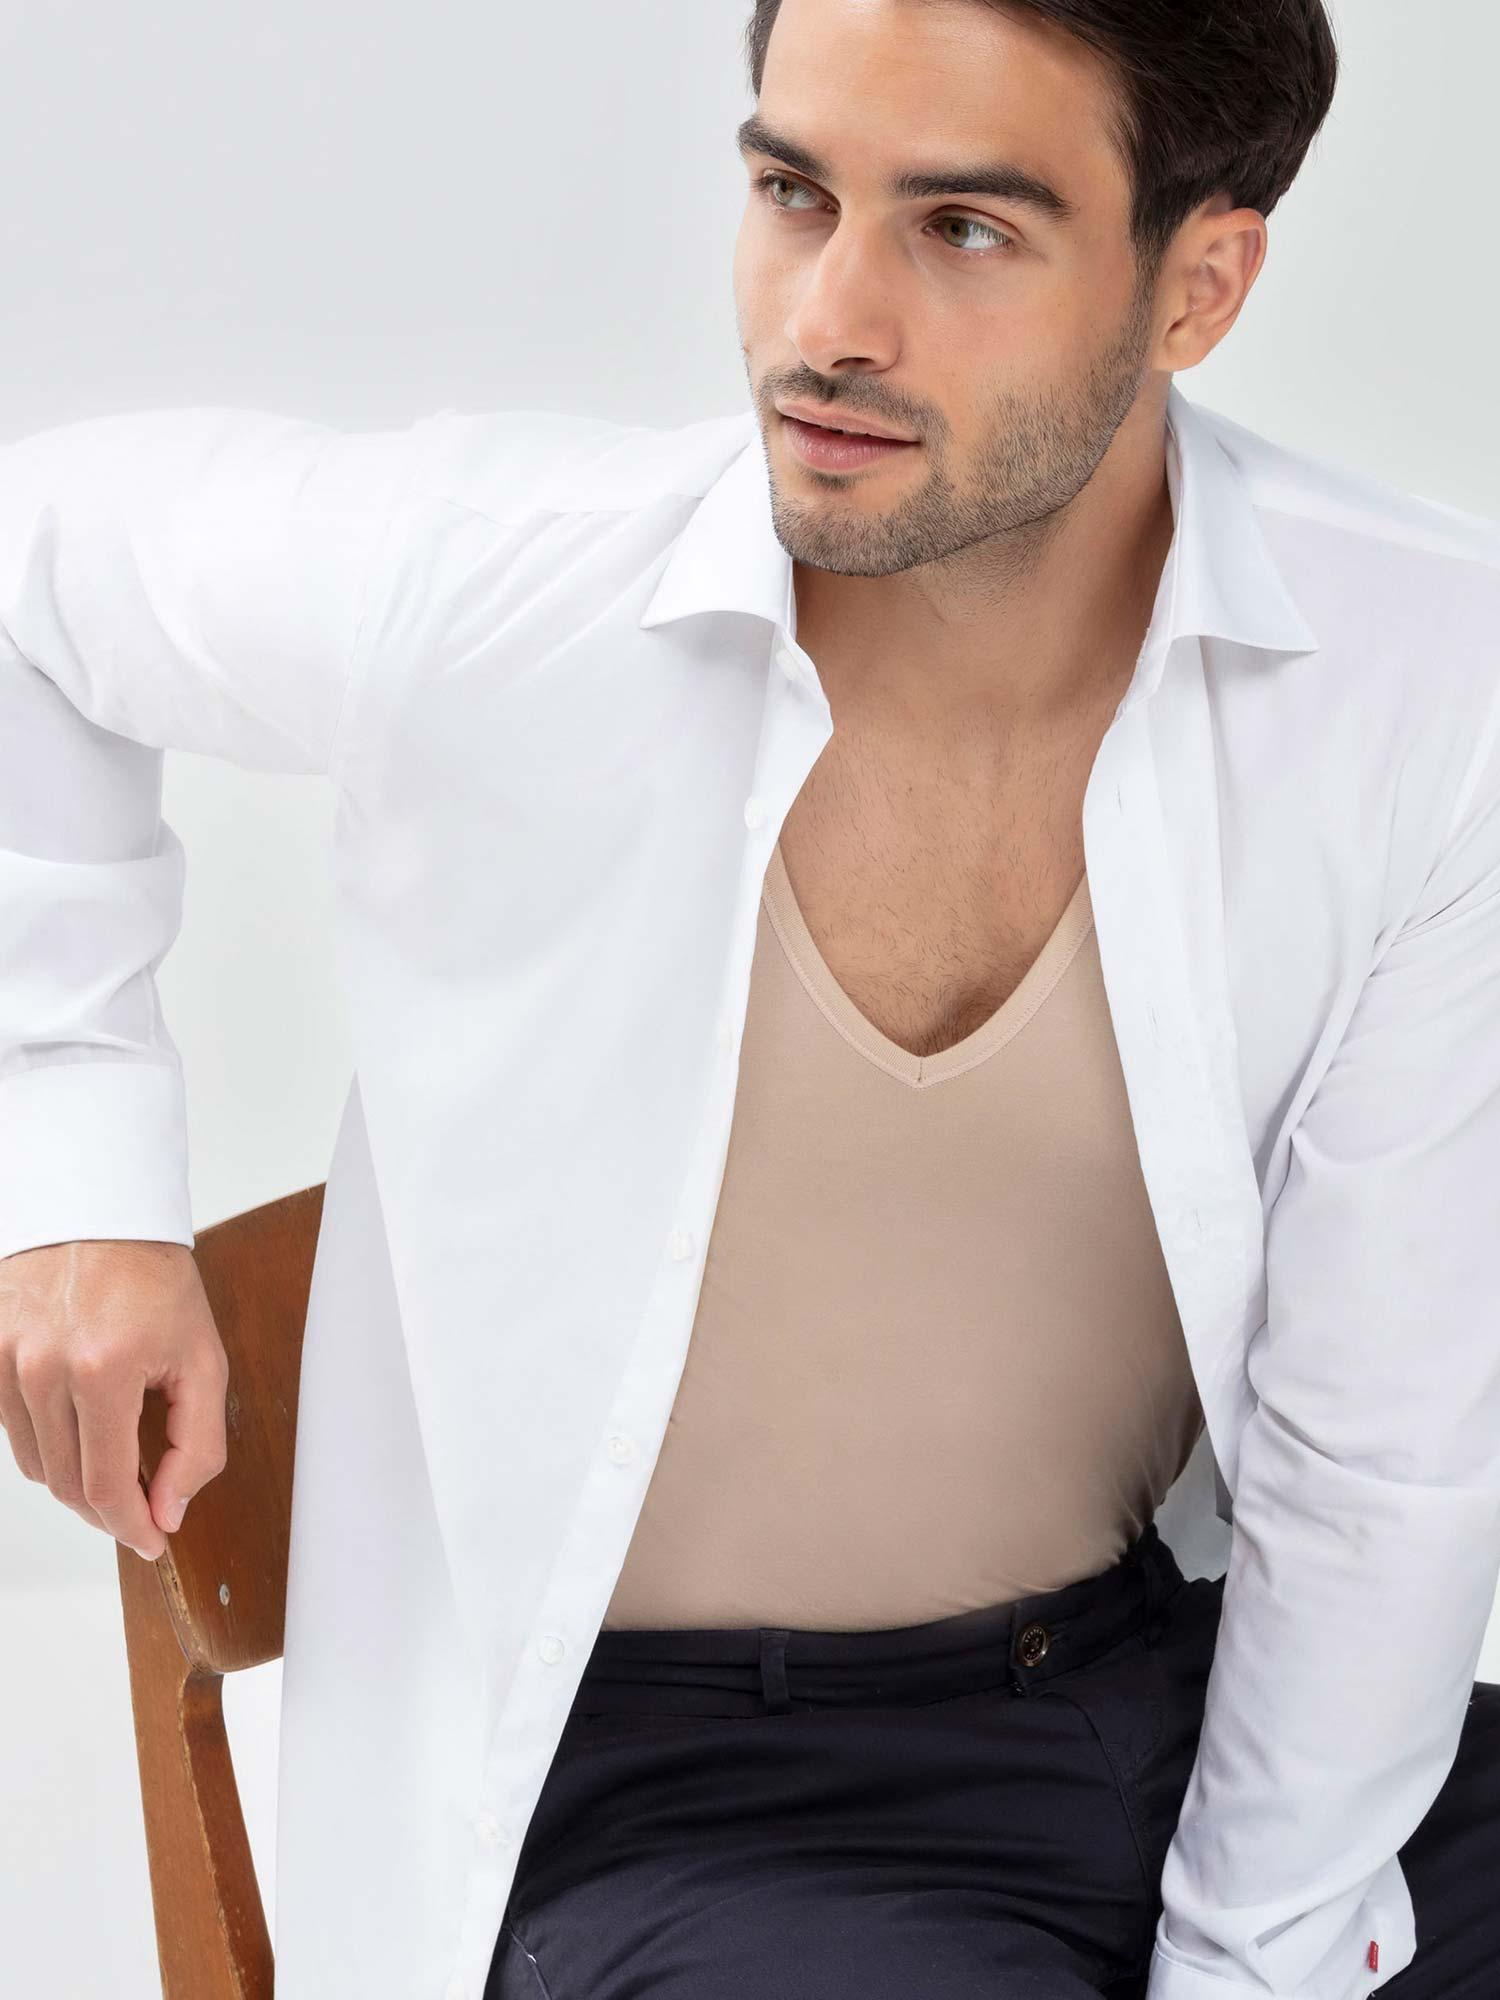 Das richtige Unterhemd für den Bräutigam | mey®